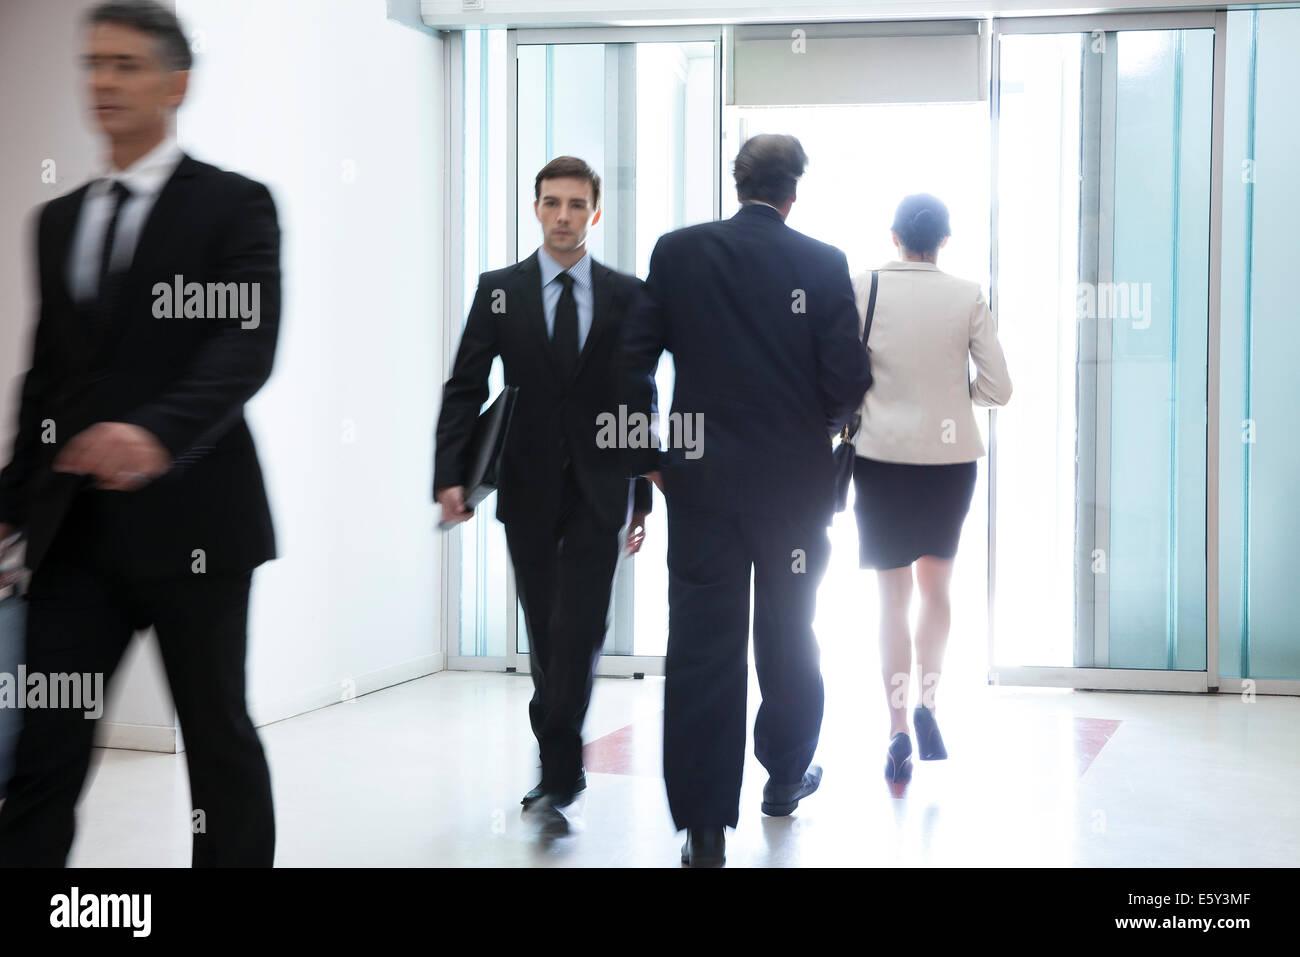 Los profesionales que pasa a través del vestíbulo del edificio de oficinas Imagen De Stock